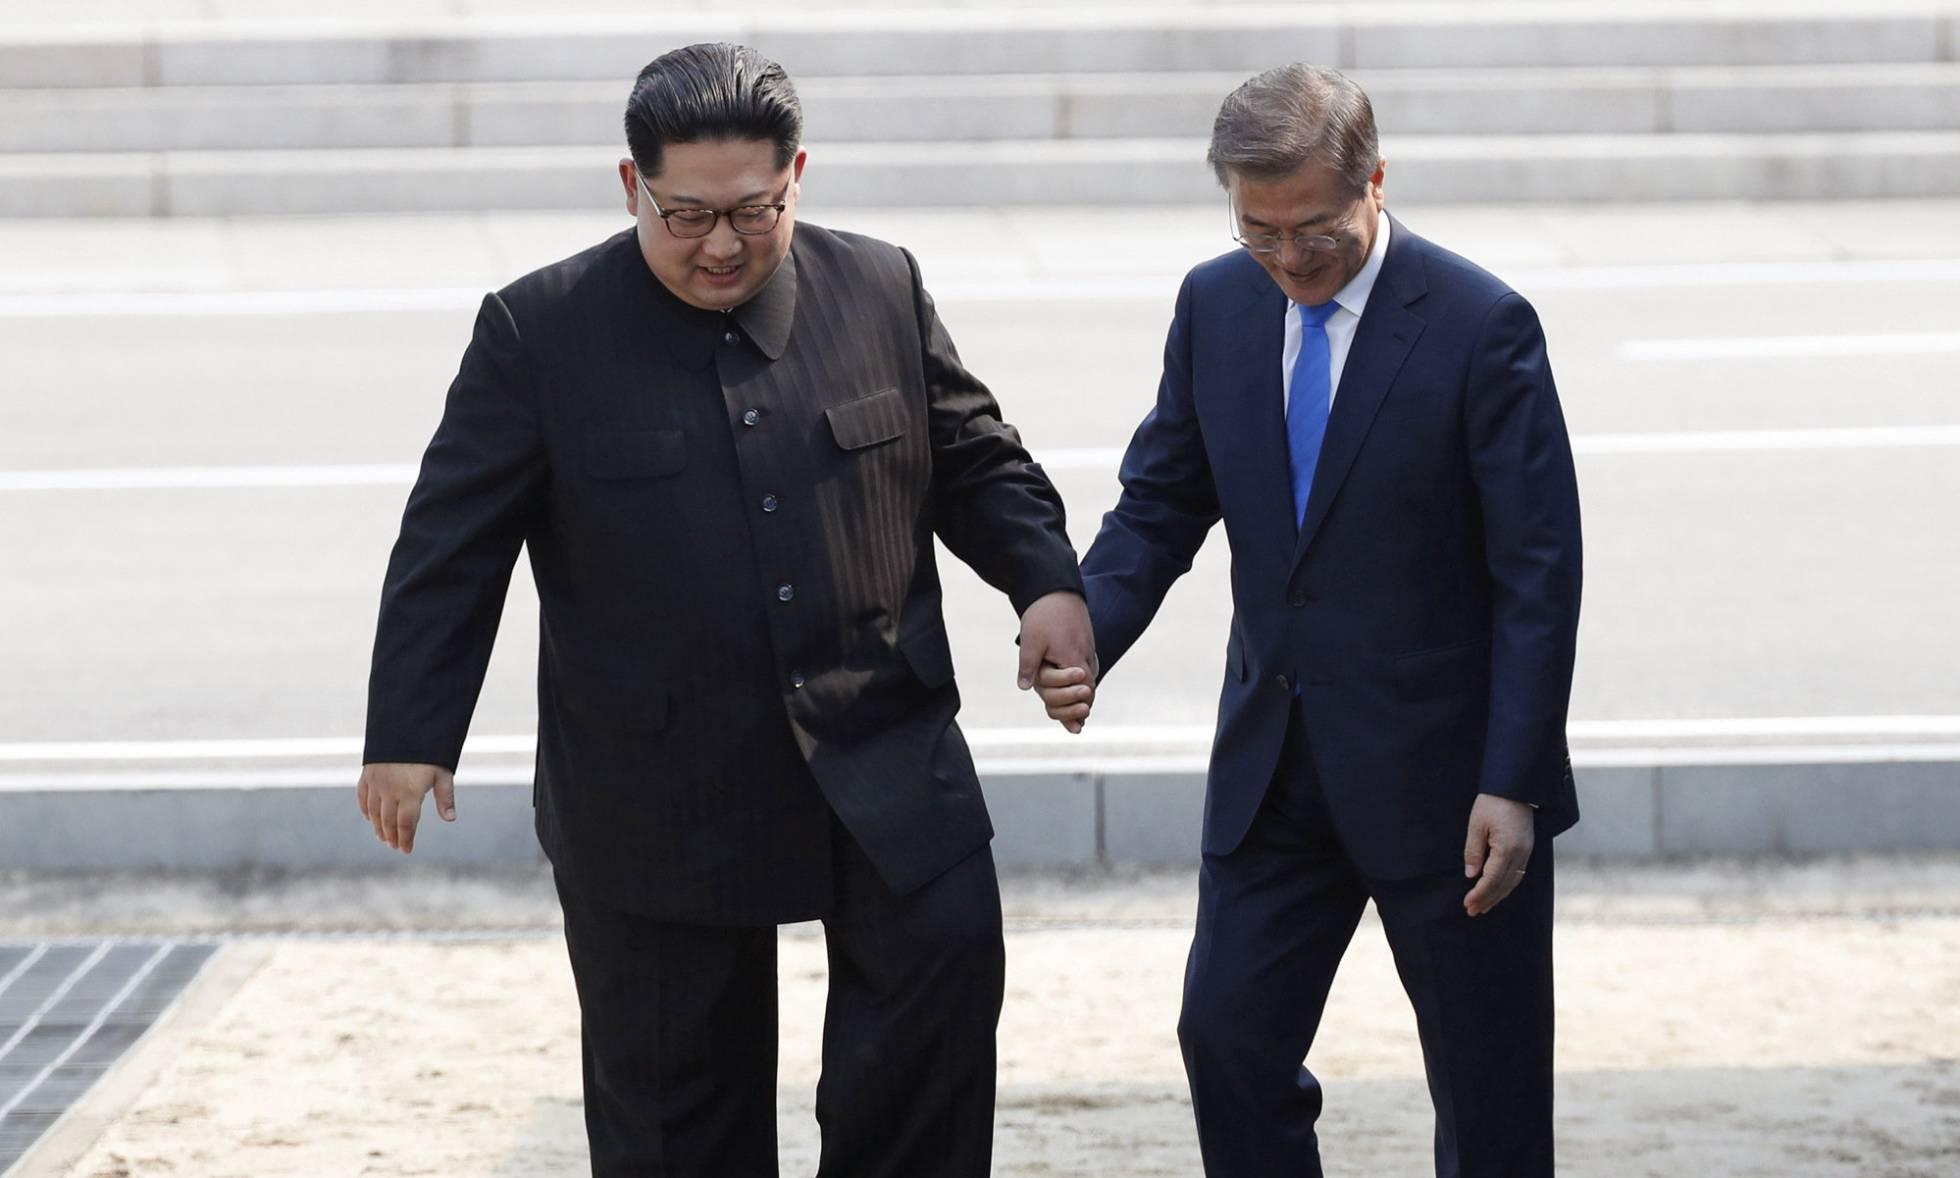 guerra - Corea Del Norte...¿La guerra se acerca? - Página 30 1526134975_486568_1526136840_noticia_normal_recorte1